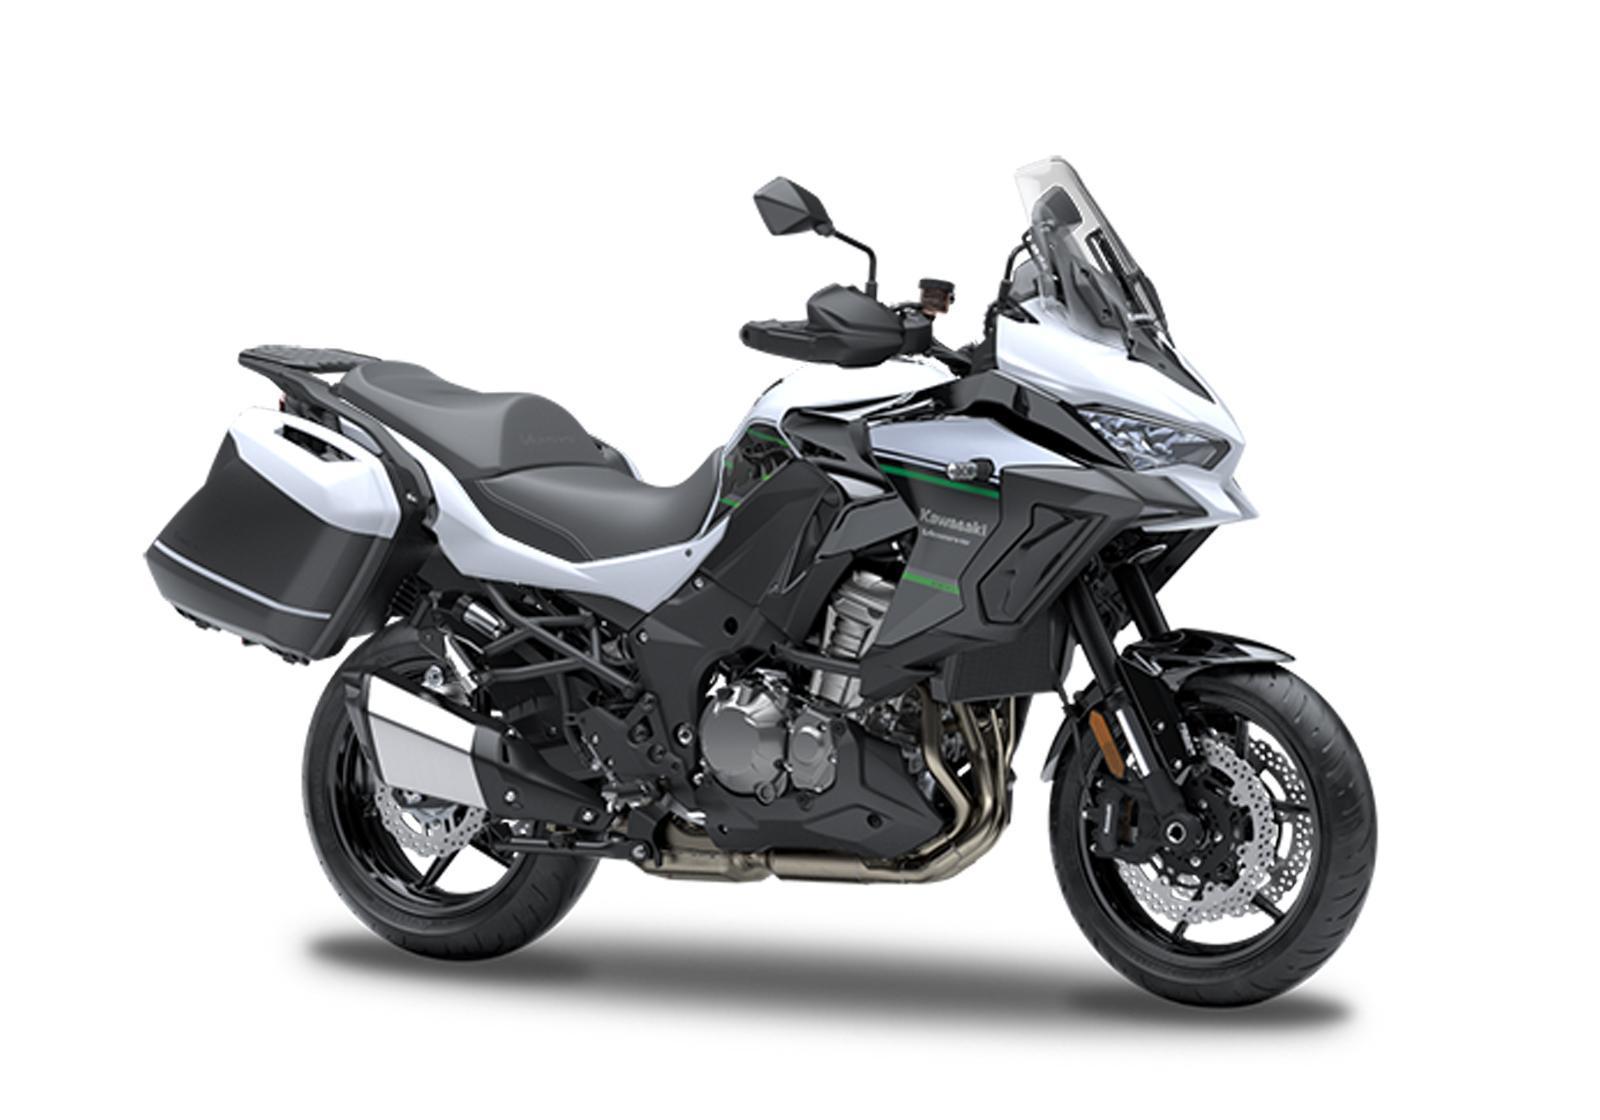 Precios del Kawasaki Versys 1000 Tourer